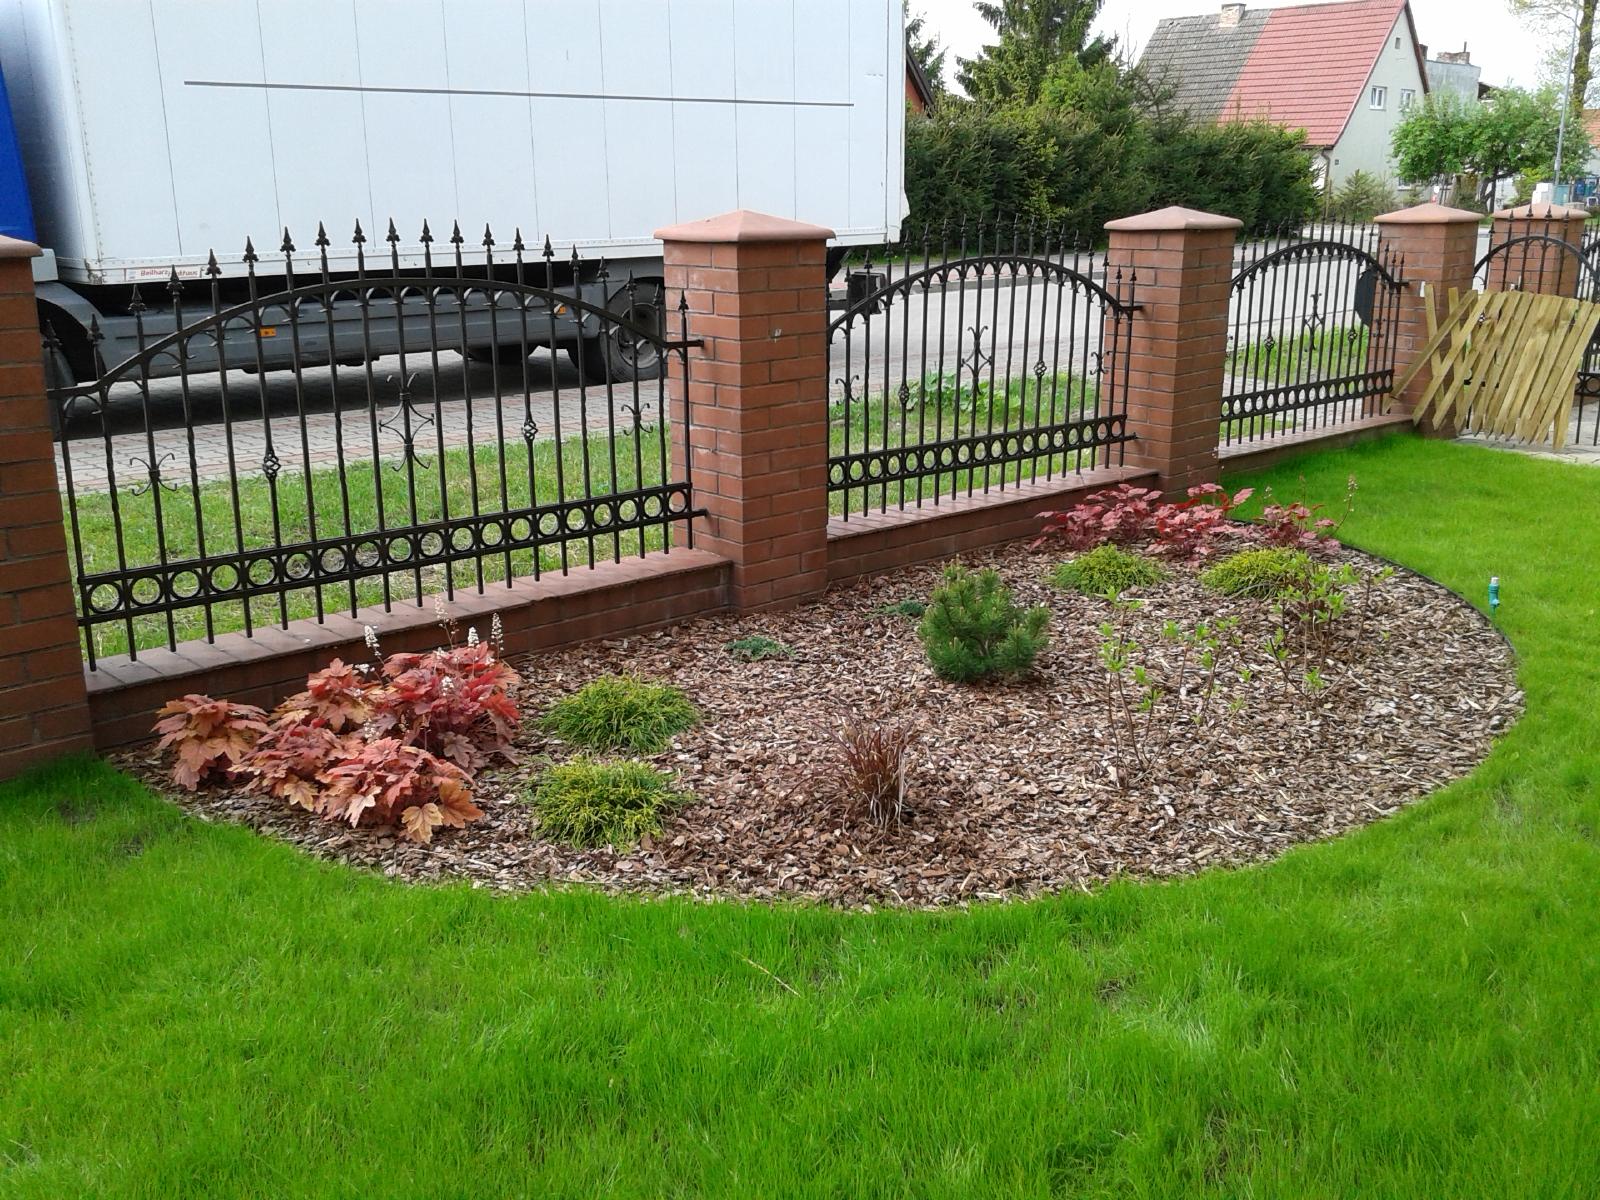 Zielony Ogród Mały Ogród Przed Domem